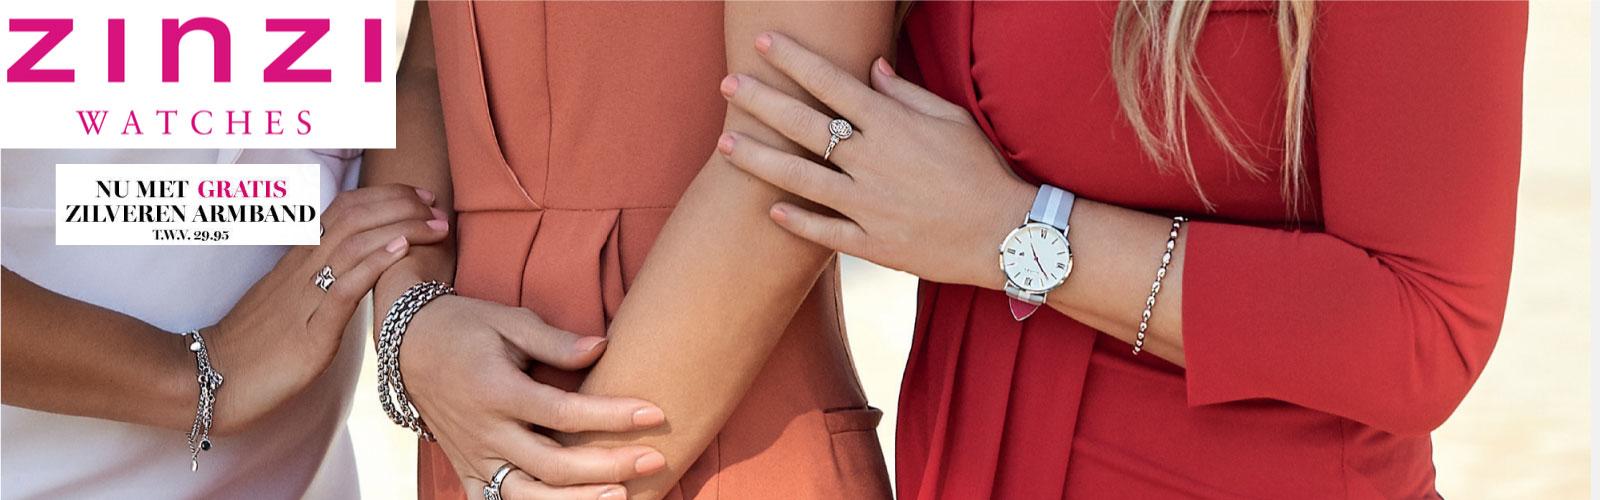 zinzi horloges wolters juweliers coevorden emmen hardenberg hoogeveen